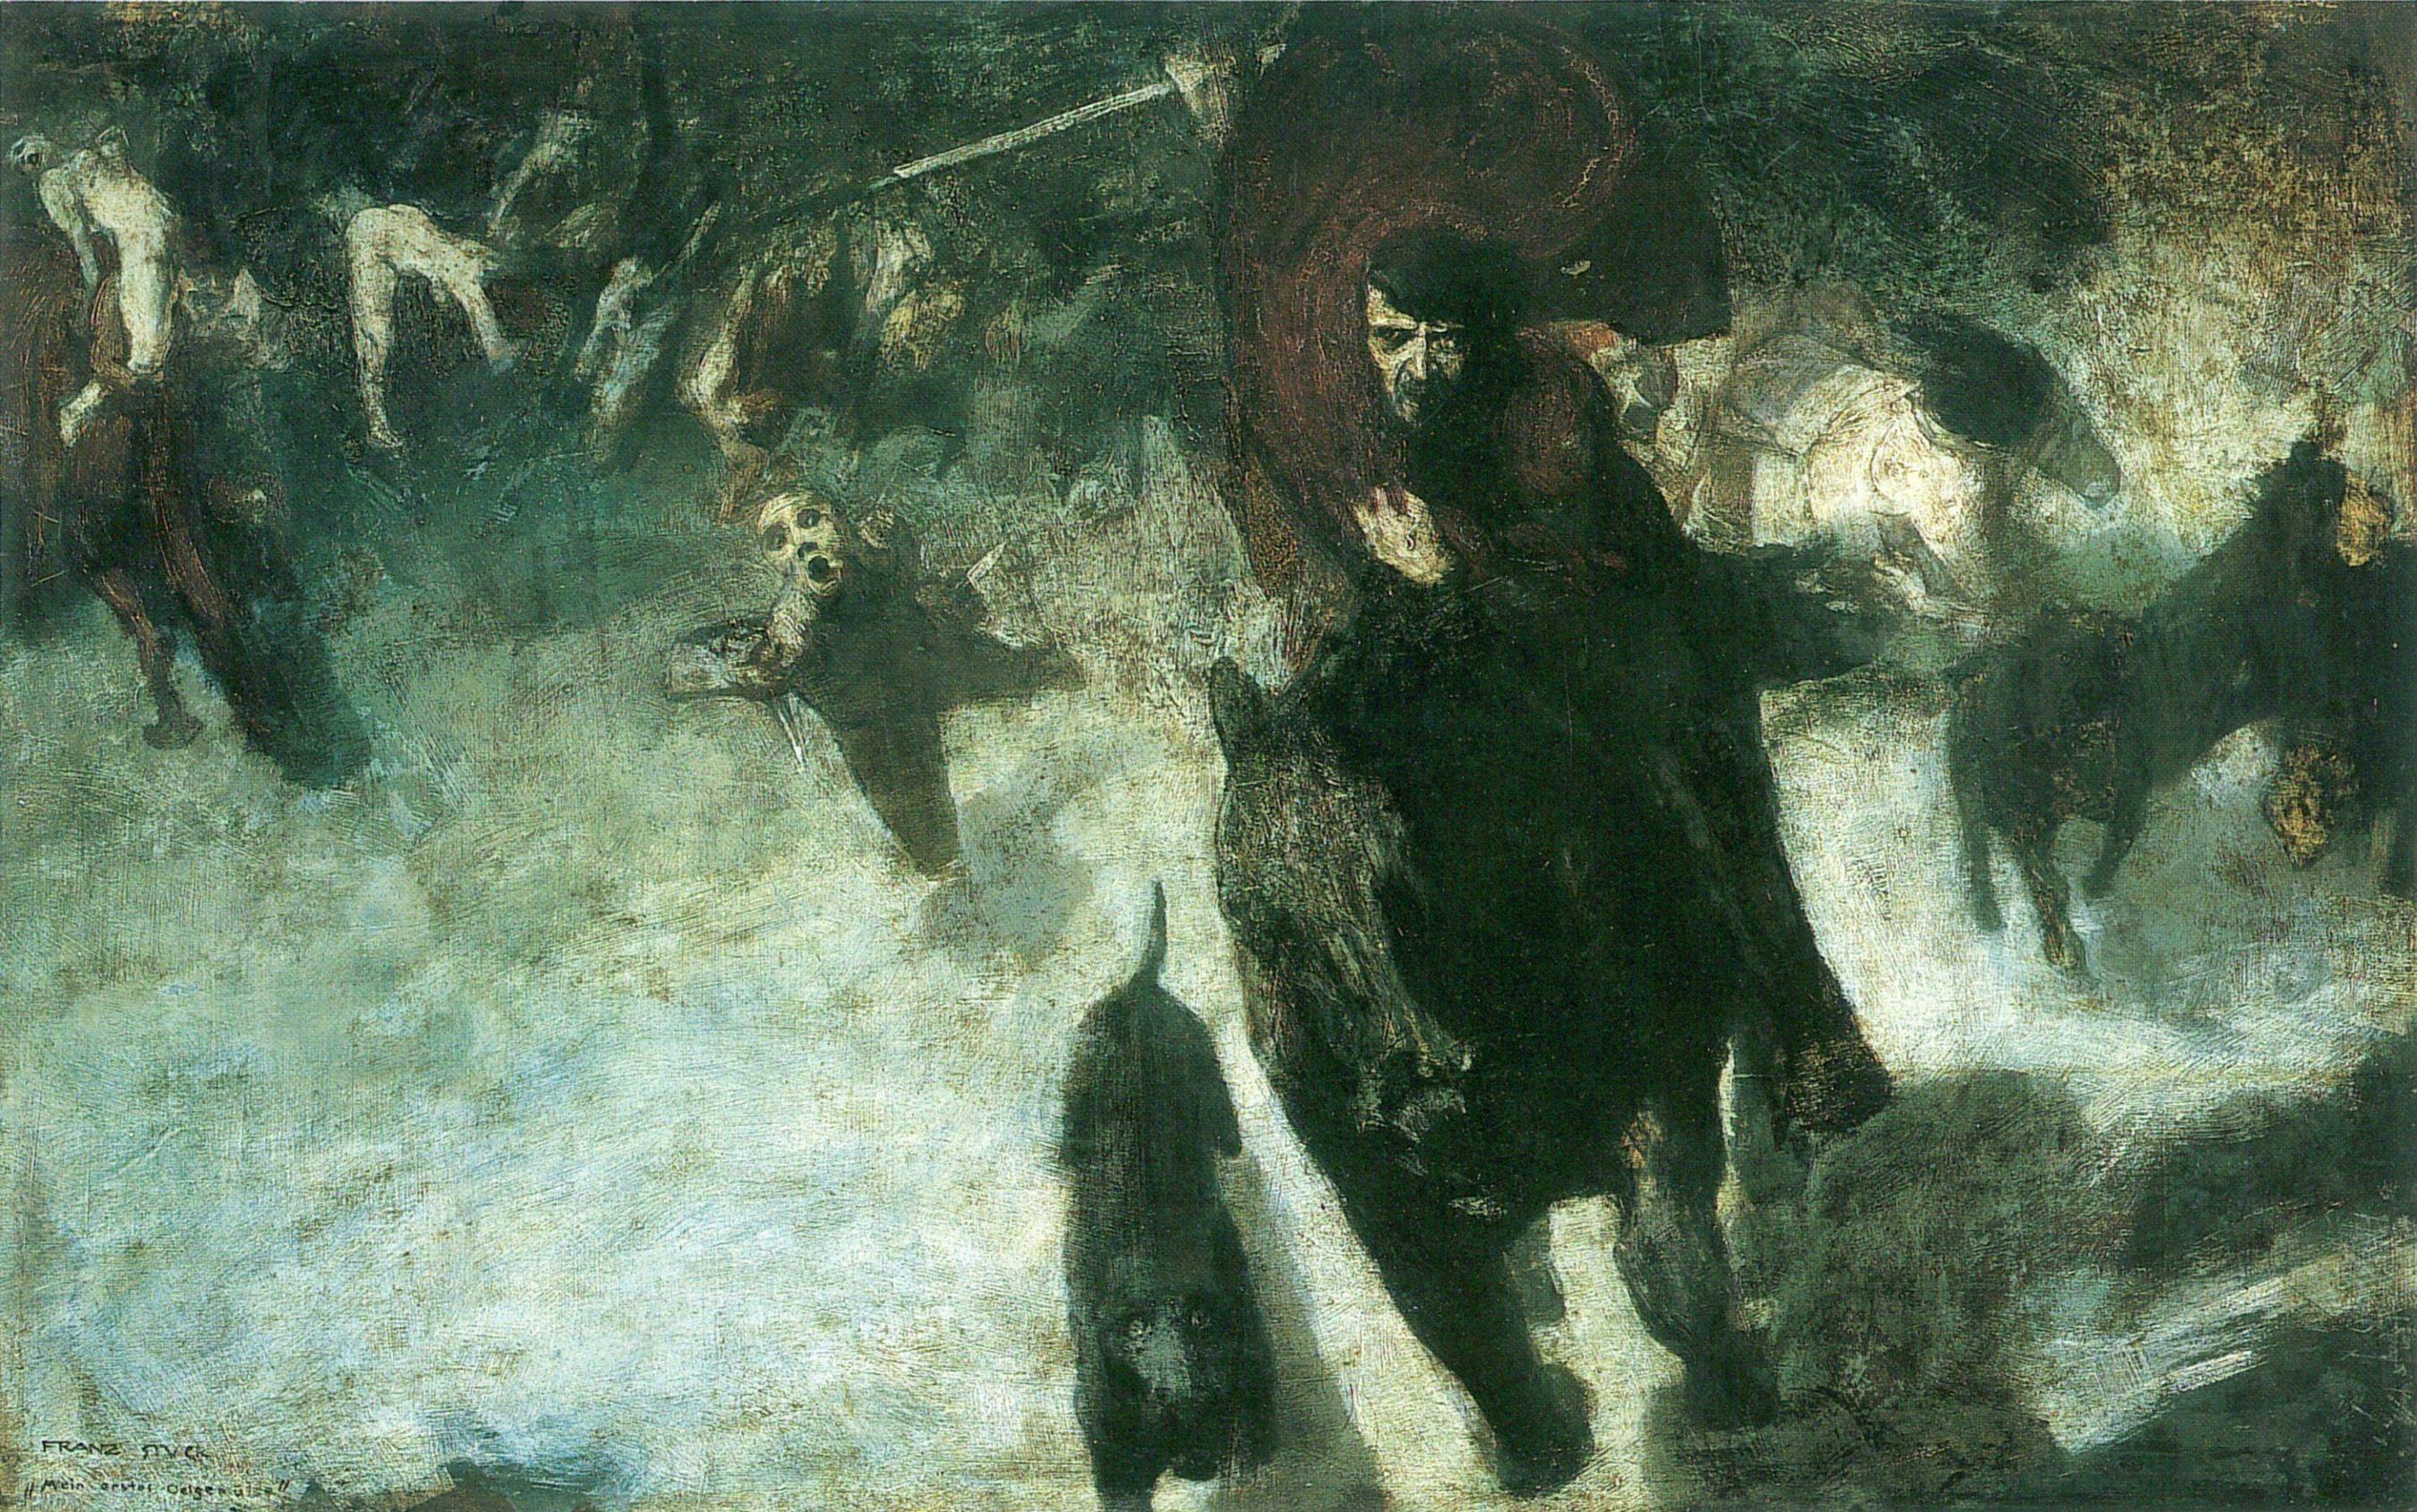 Араун король підземного царства Аннун Дикий Мисливець епос Мабіноґіон.jpg